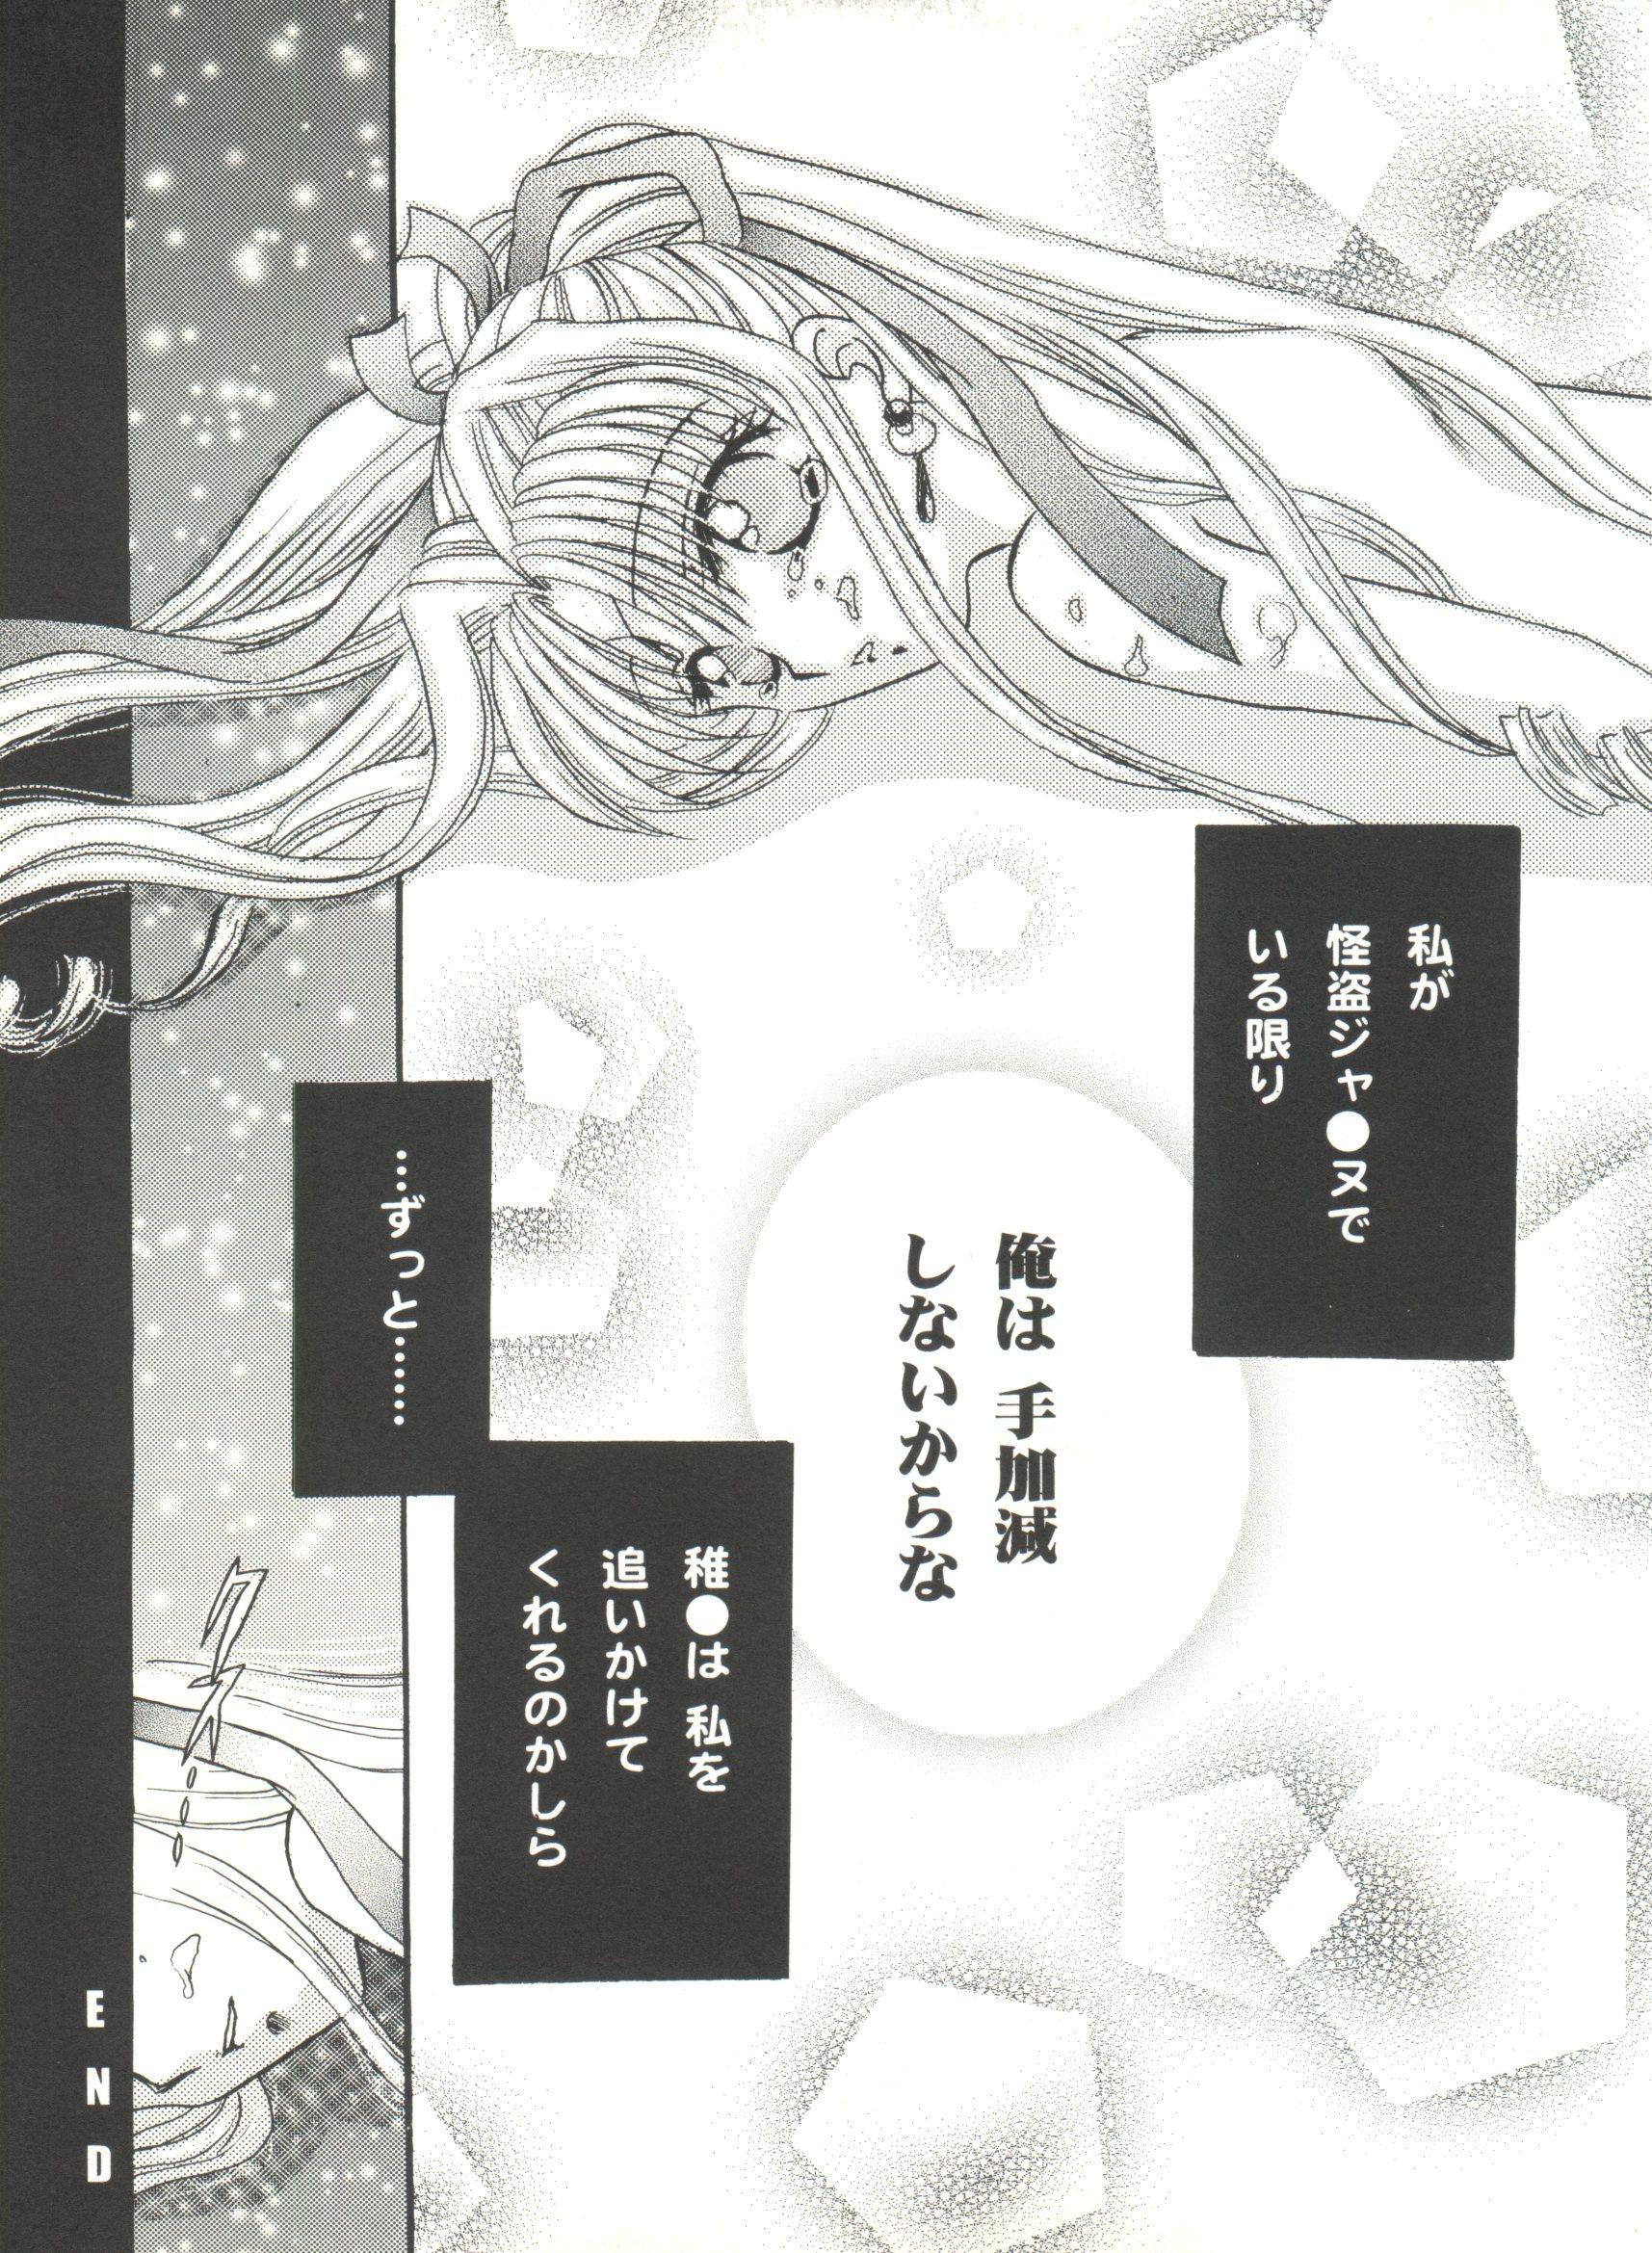 Bishoujo Doujinshi Anthology Cute 4 102